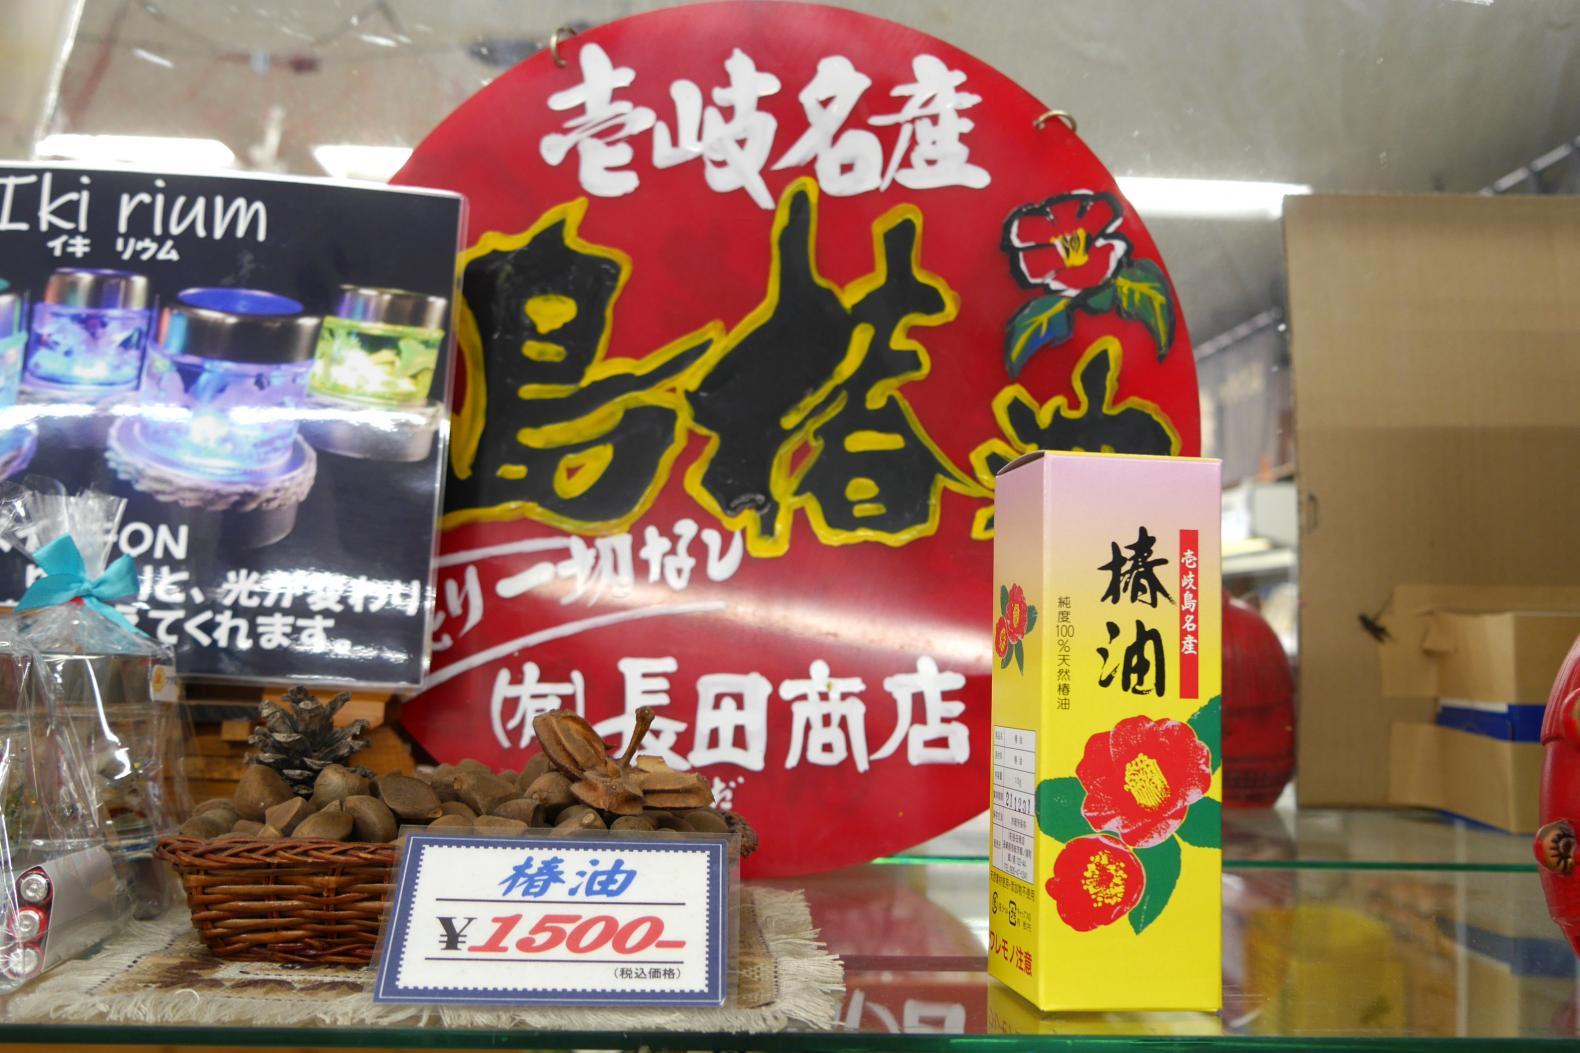 長田商店オリジナル商品も充実の製造元直営店-4